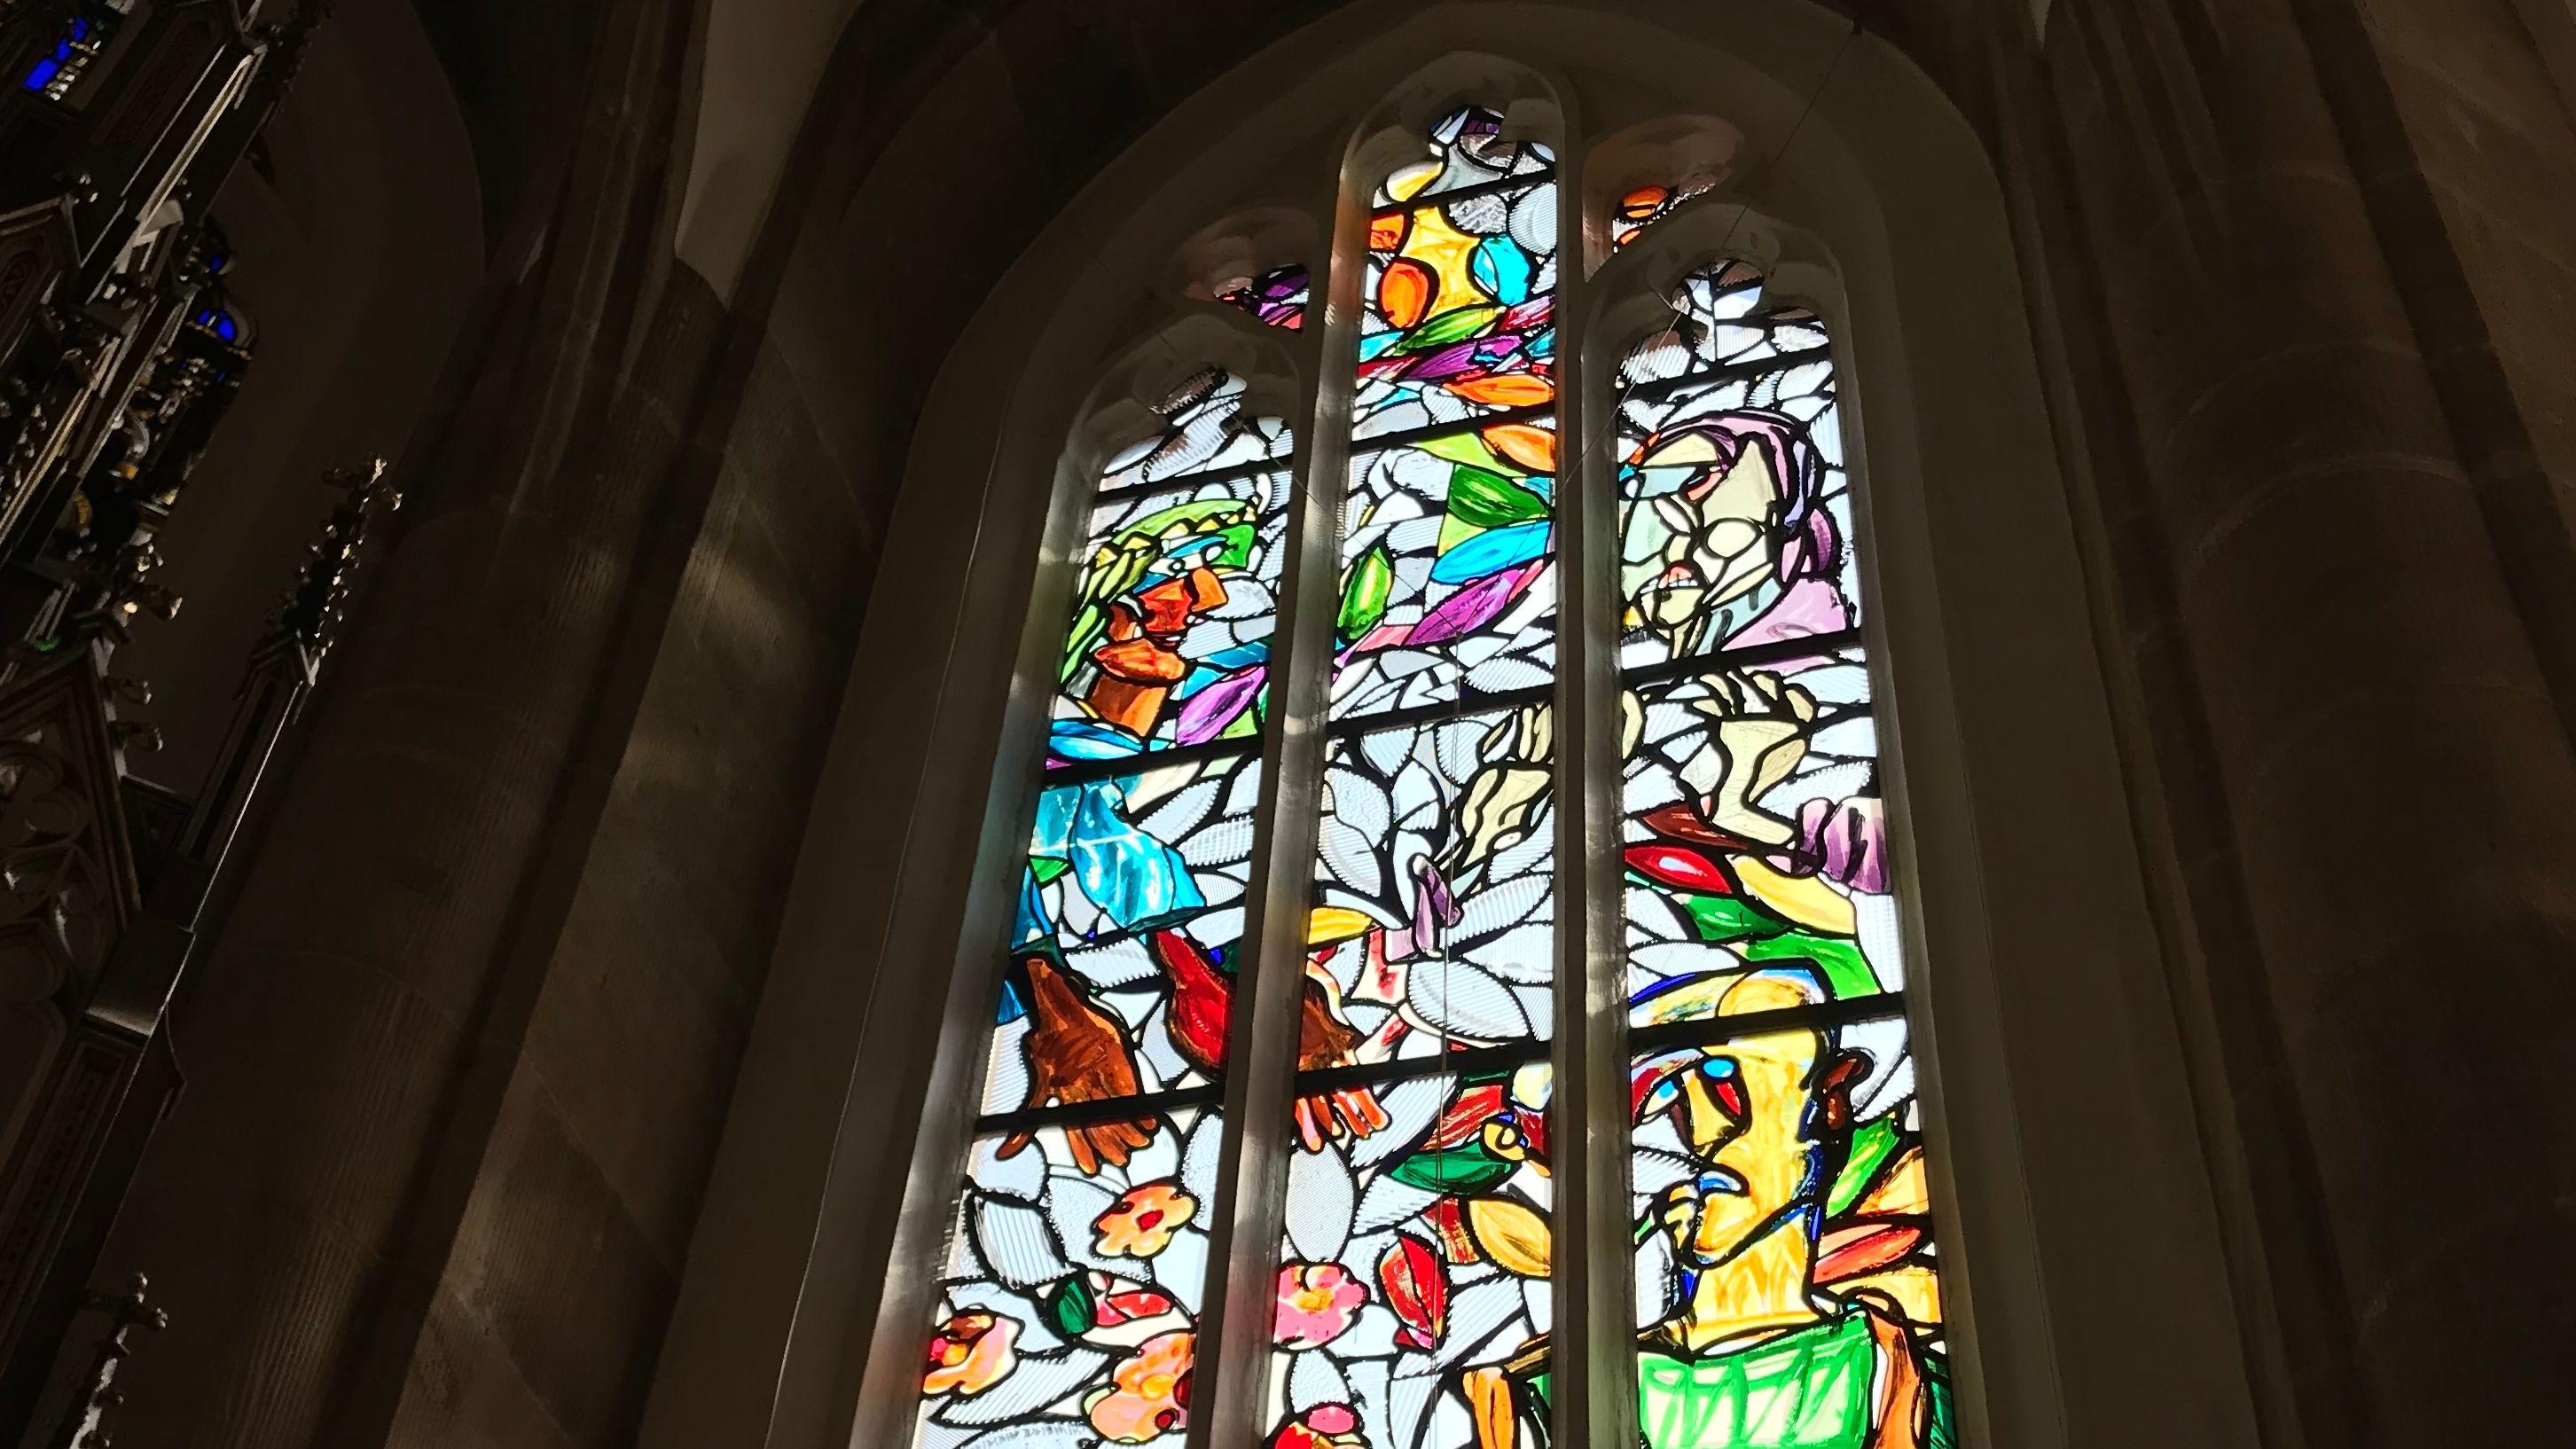 das erste Kirchenfenster des Künstlers Markus Lüpertz in der St. Elisabeth Kirche